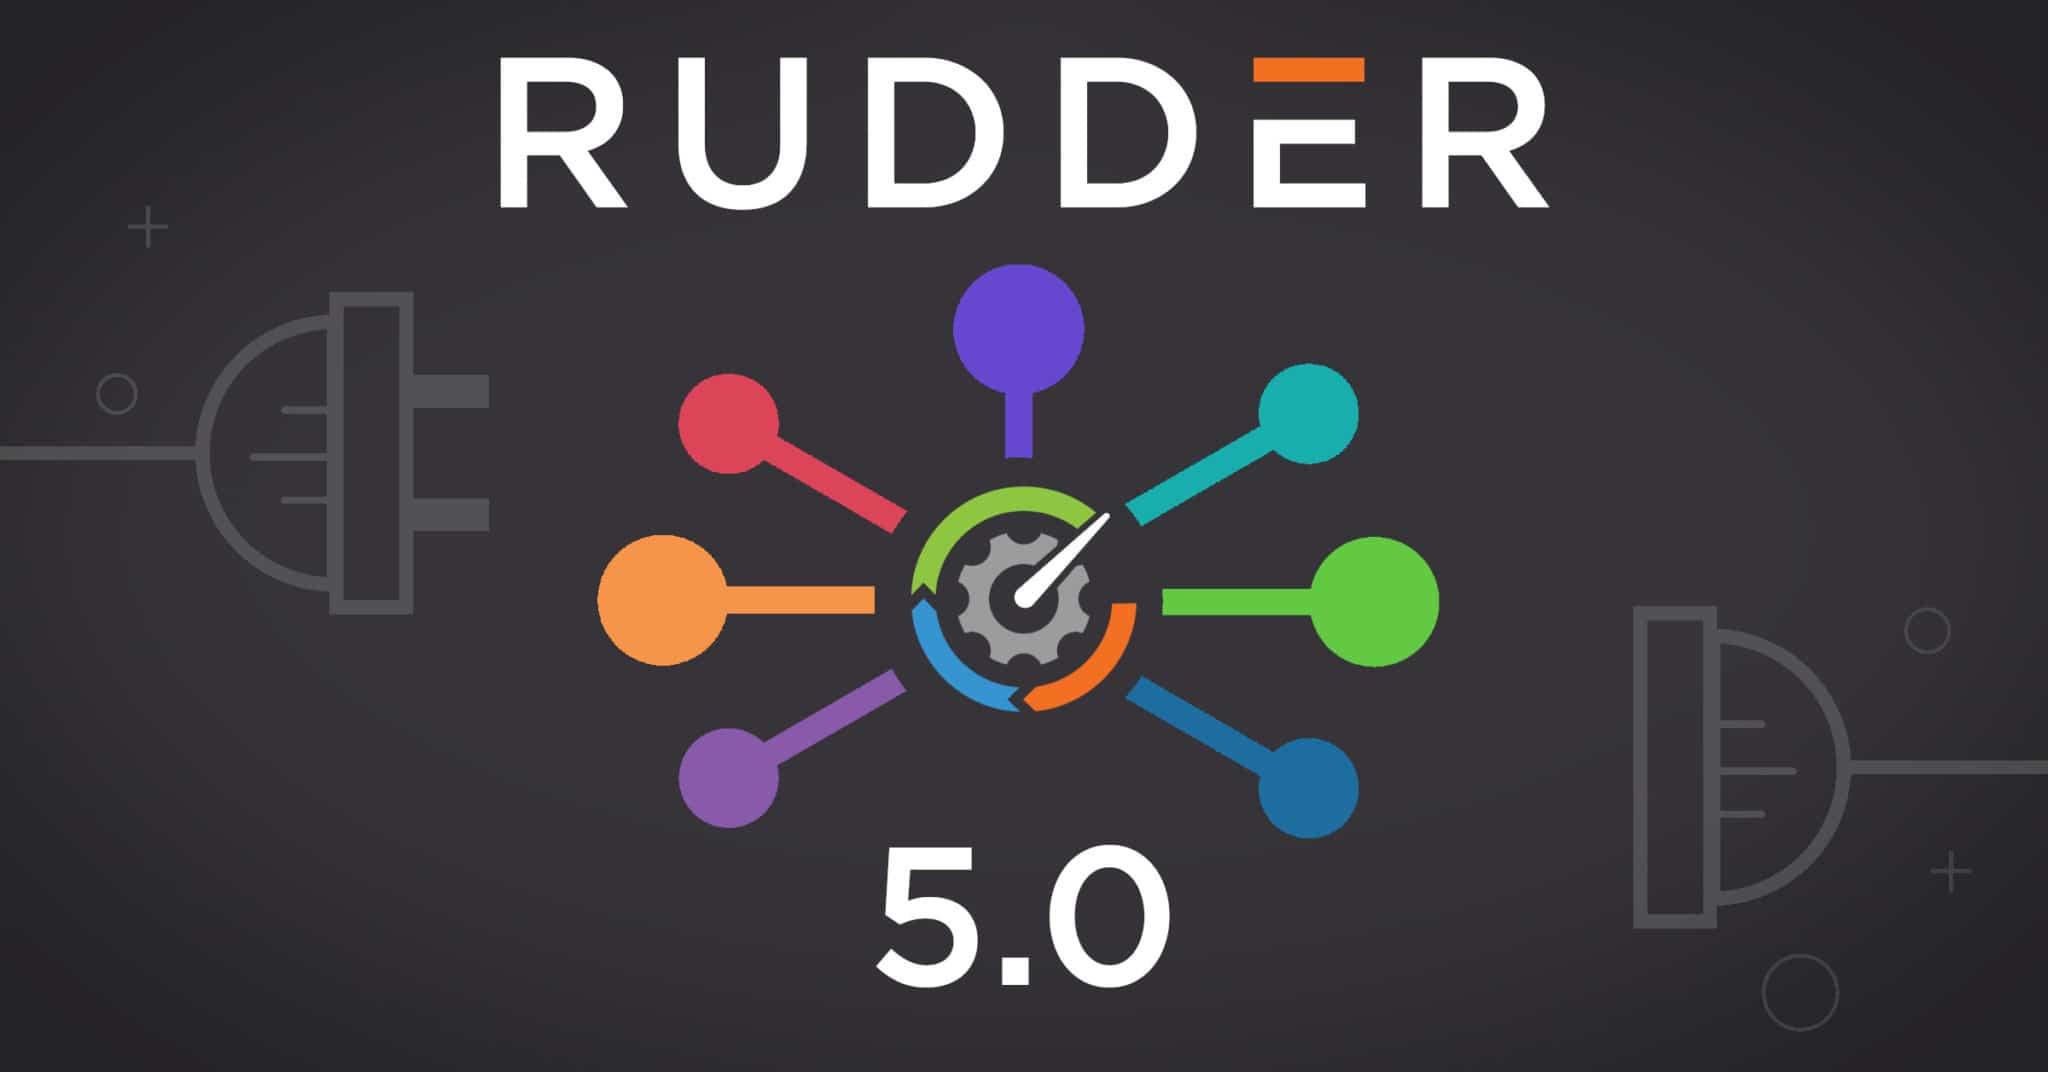 RUDDER 5.0